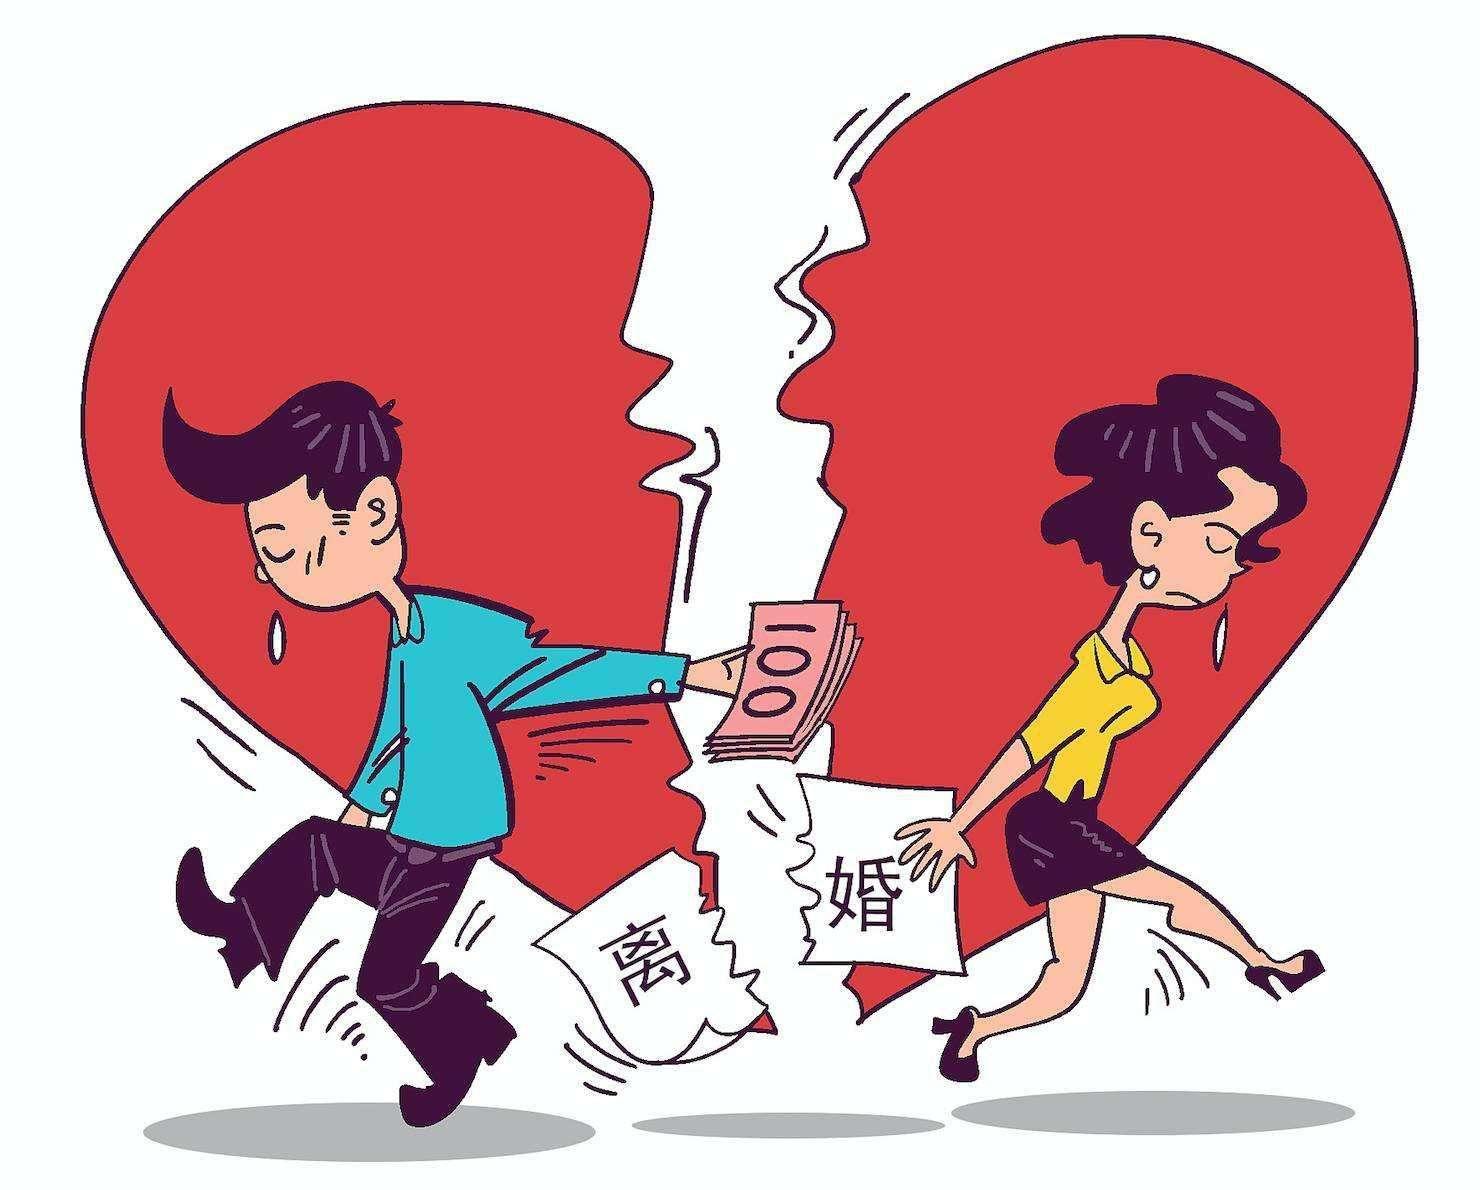 韩国超309万女性独居,全球为何刮起单身独居潮?